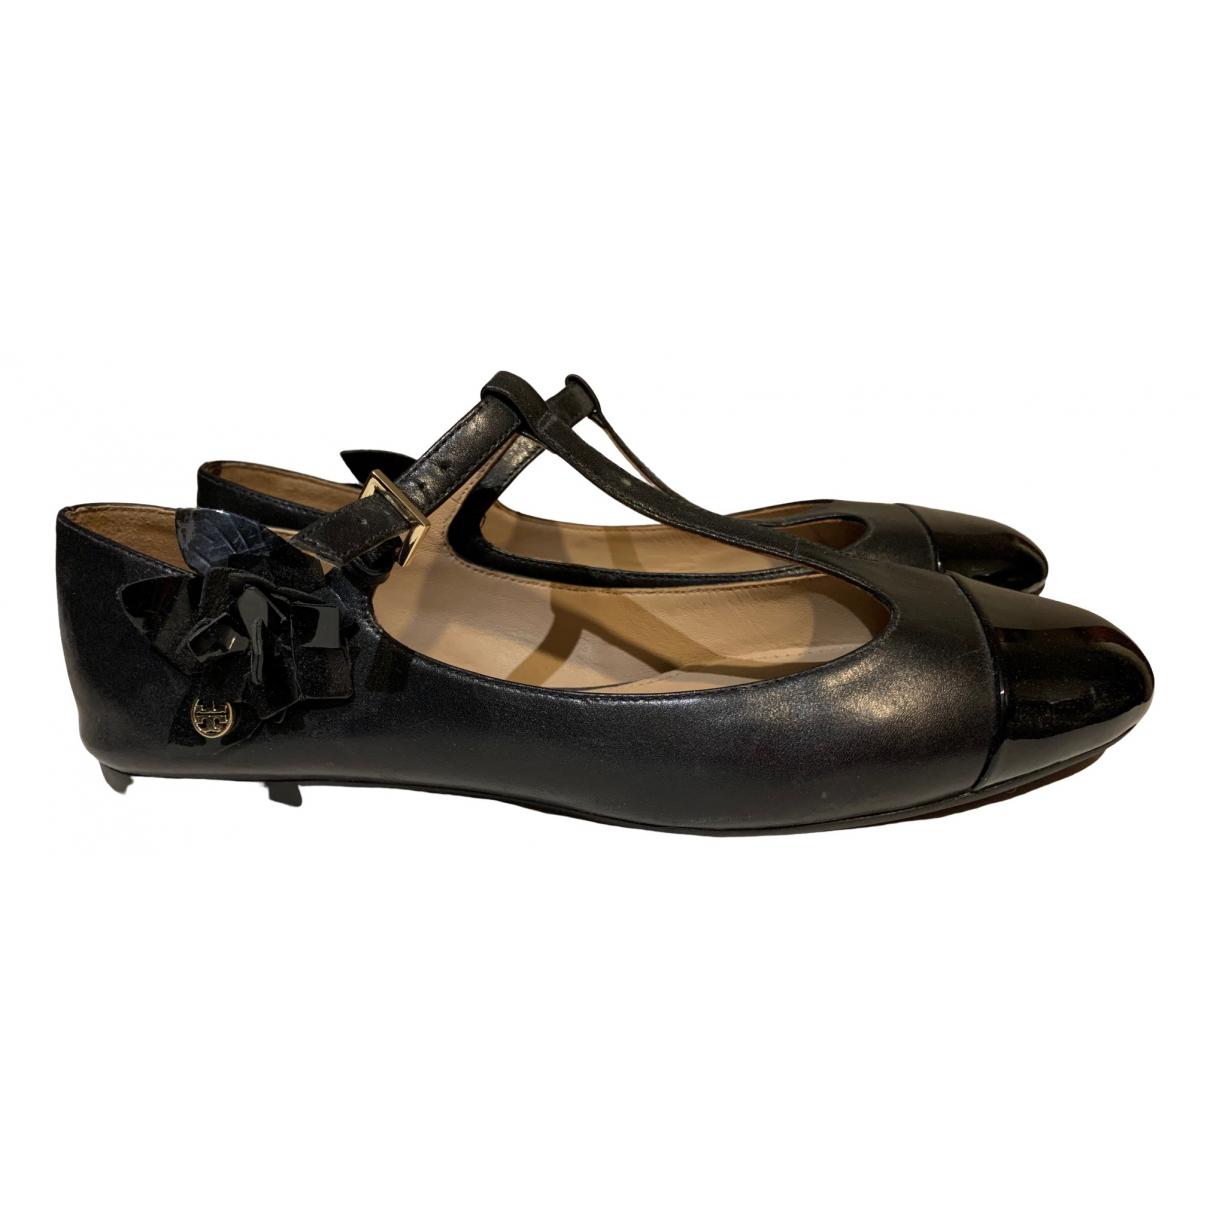 Tory Burch - Ballerines   pour femme en cuir verni - noir